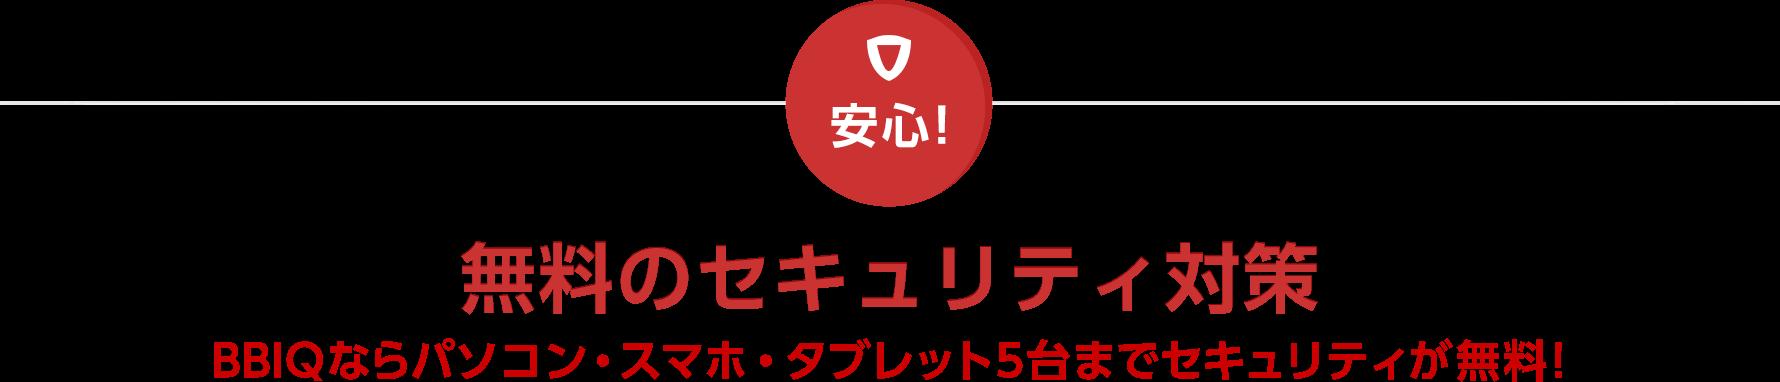 安心! 無料のセキュリティ対策 BBIQならパソコン・スマホ・タブレット5台までセキュリティが無料!